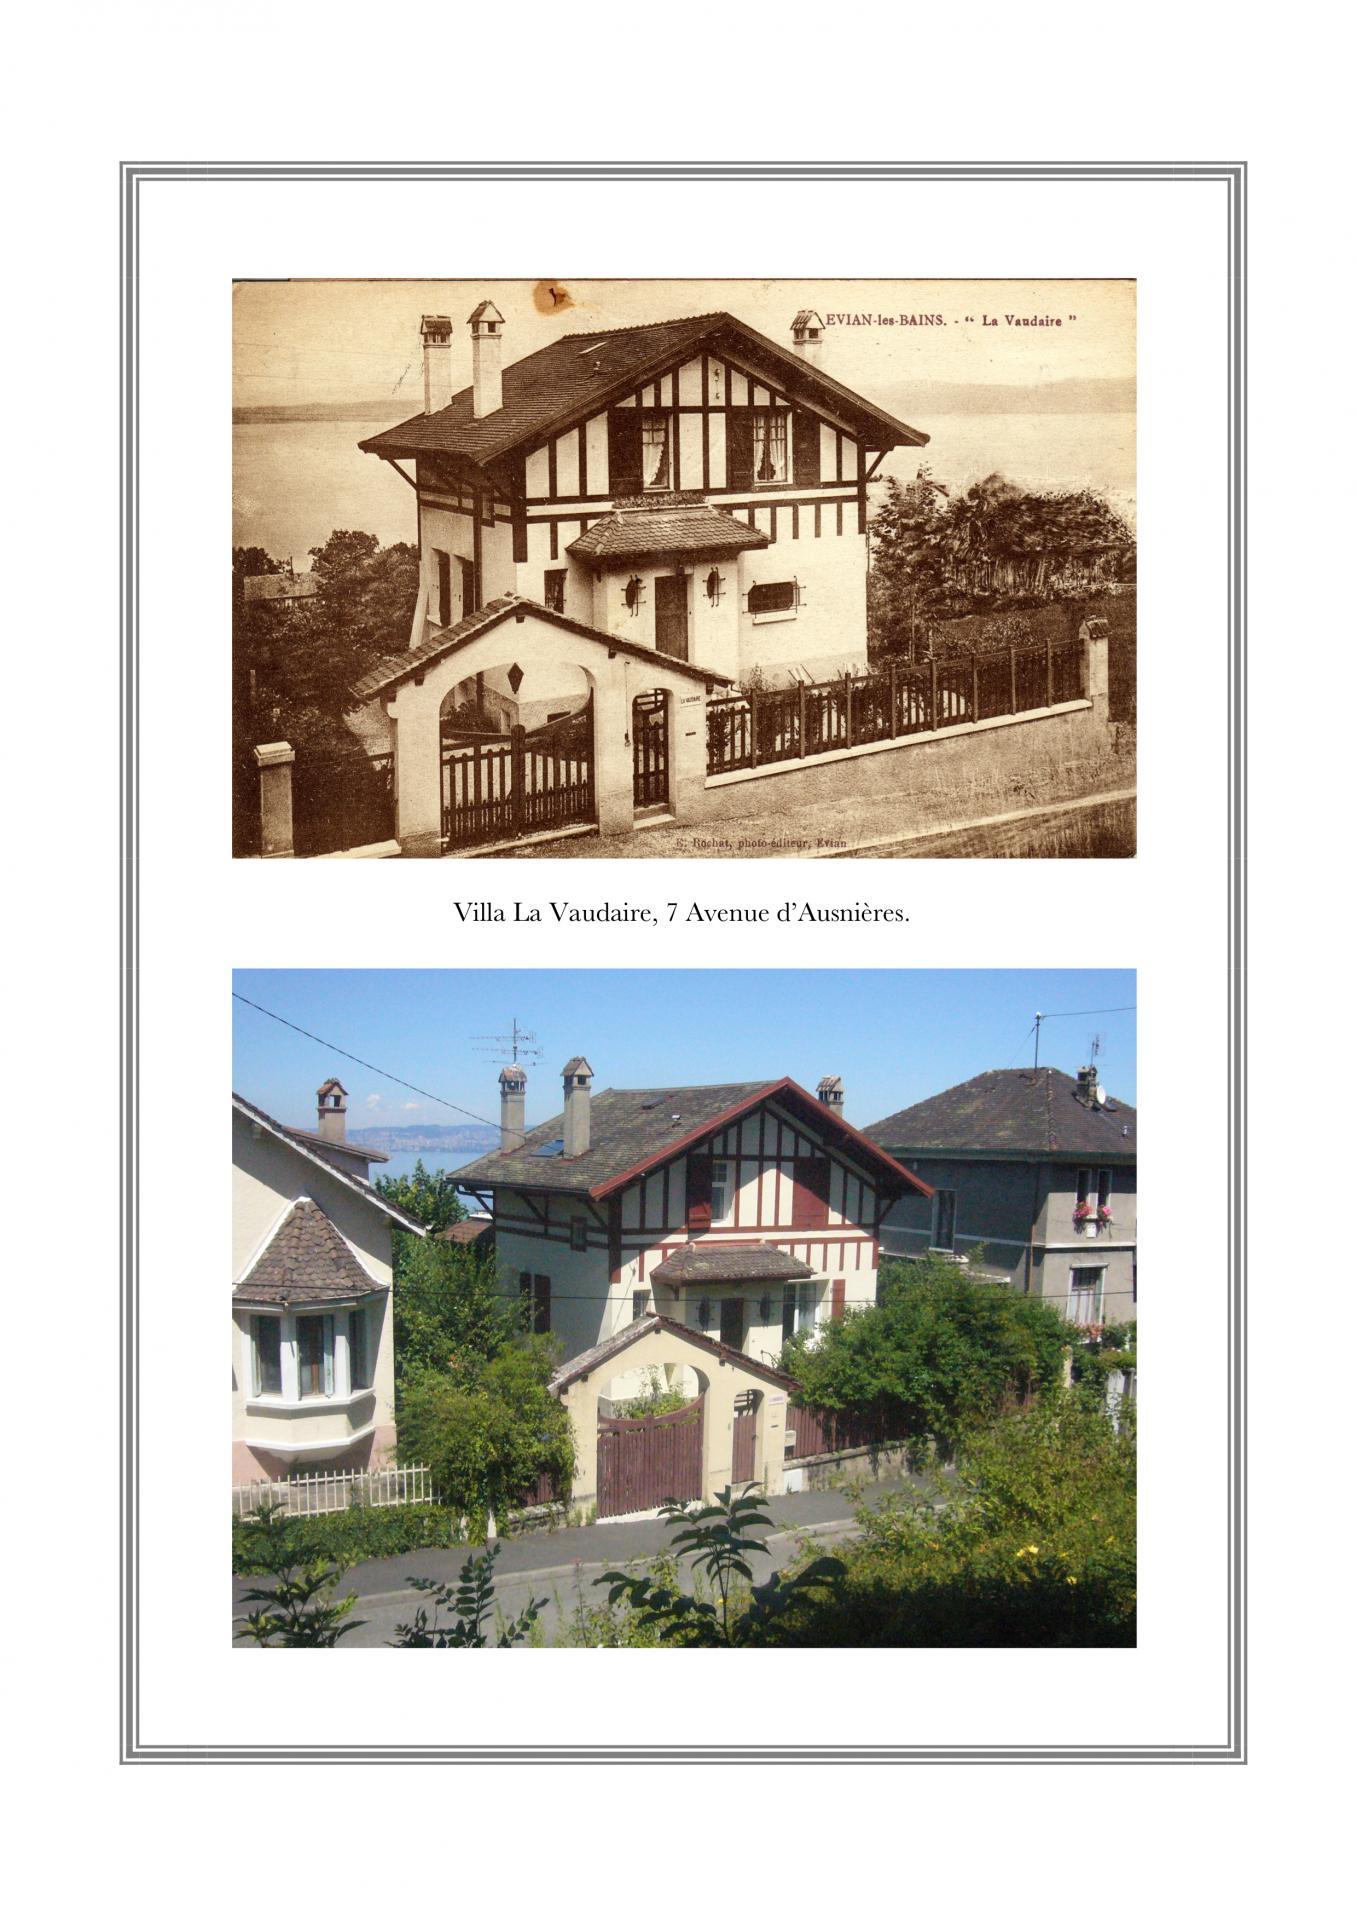 Villa La Vaudaire, 7 avenue d'Ausnières